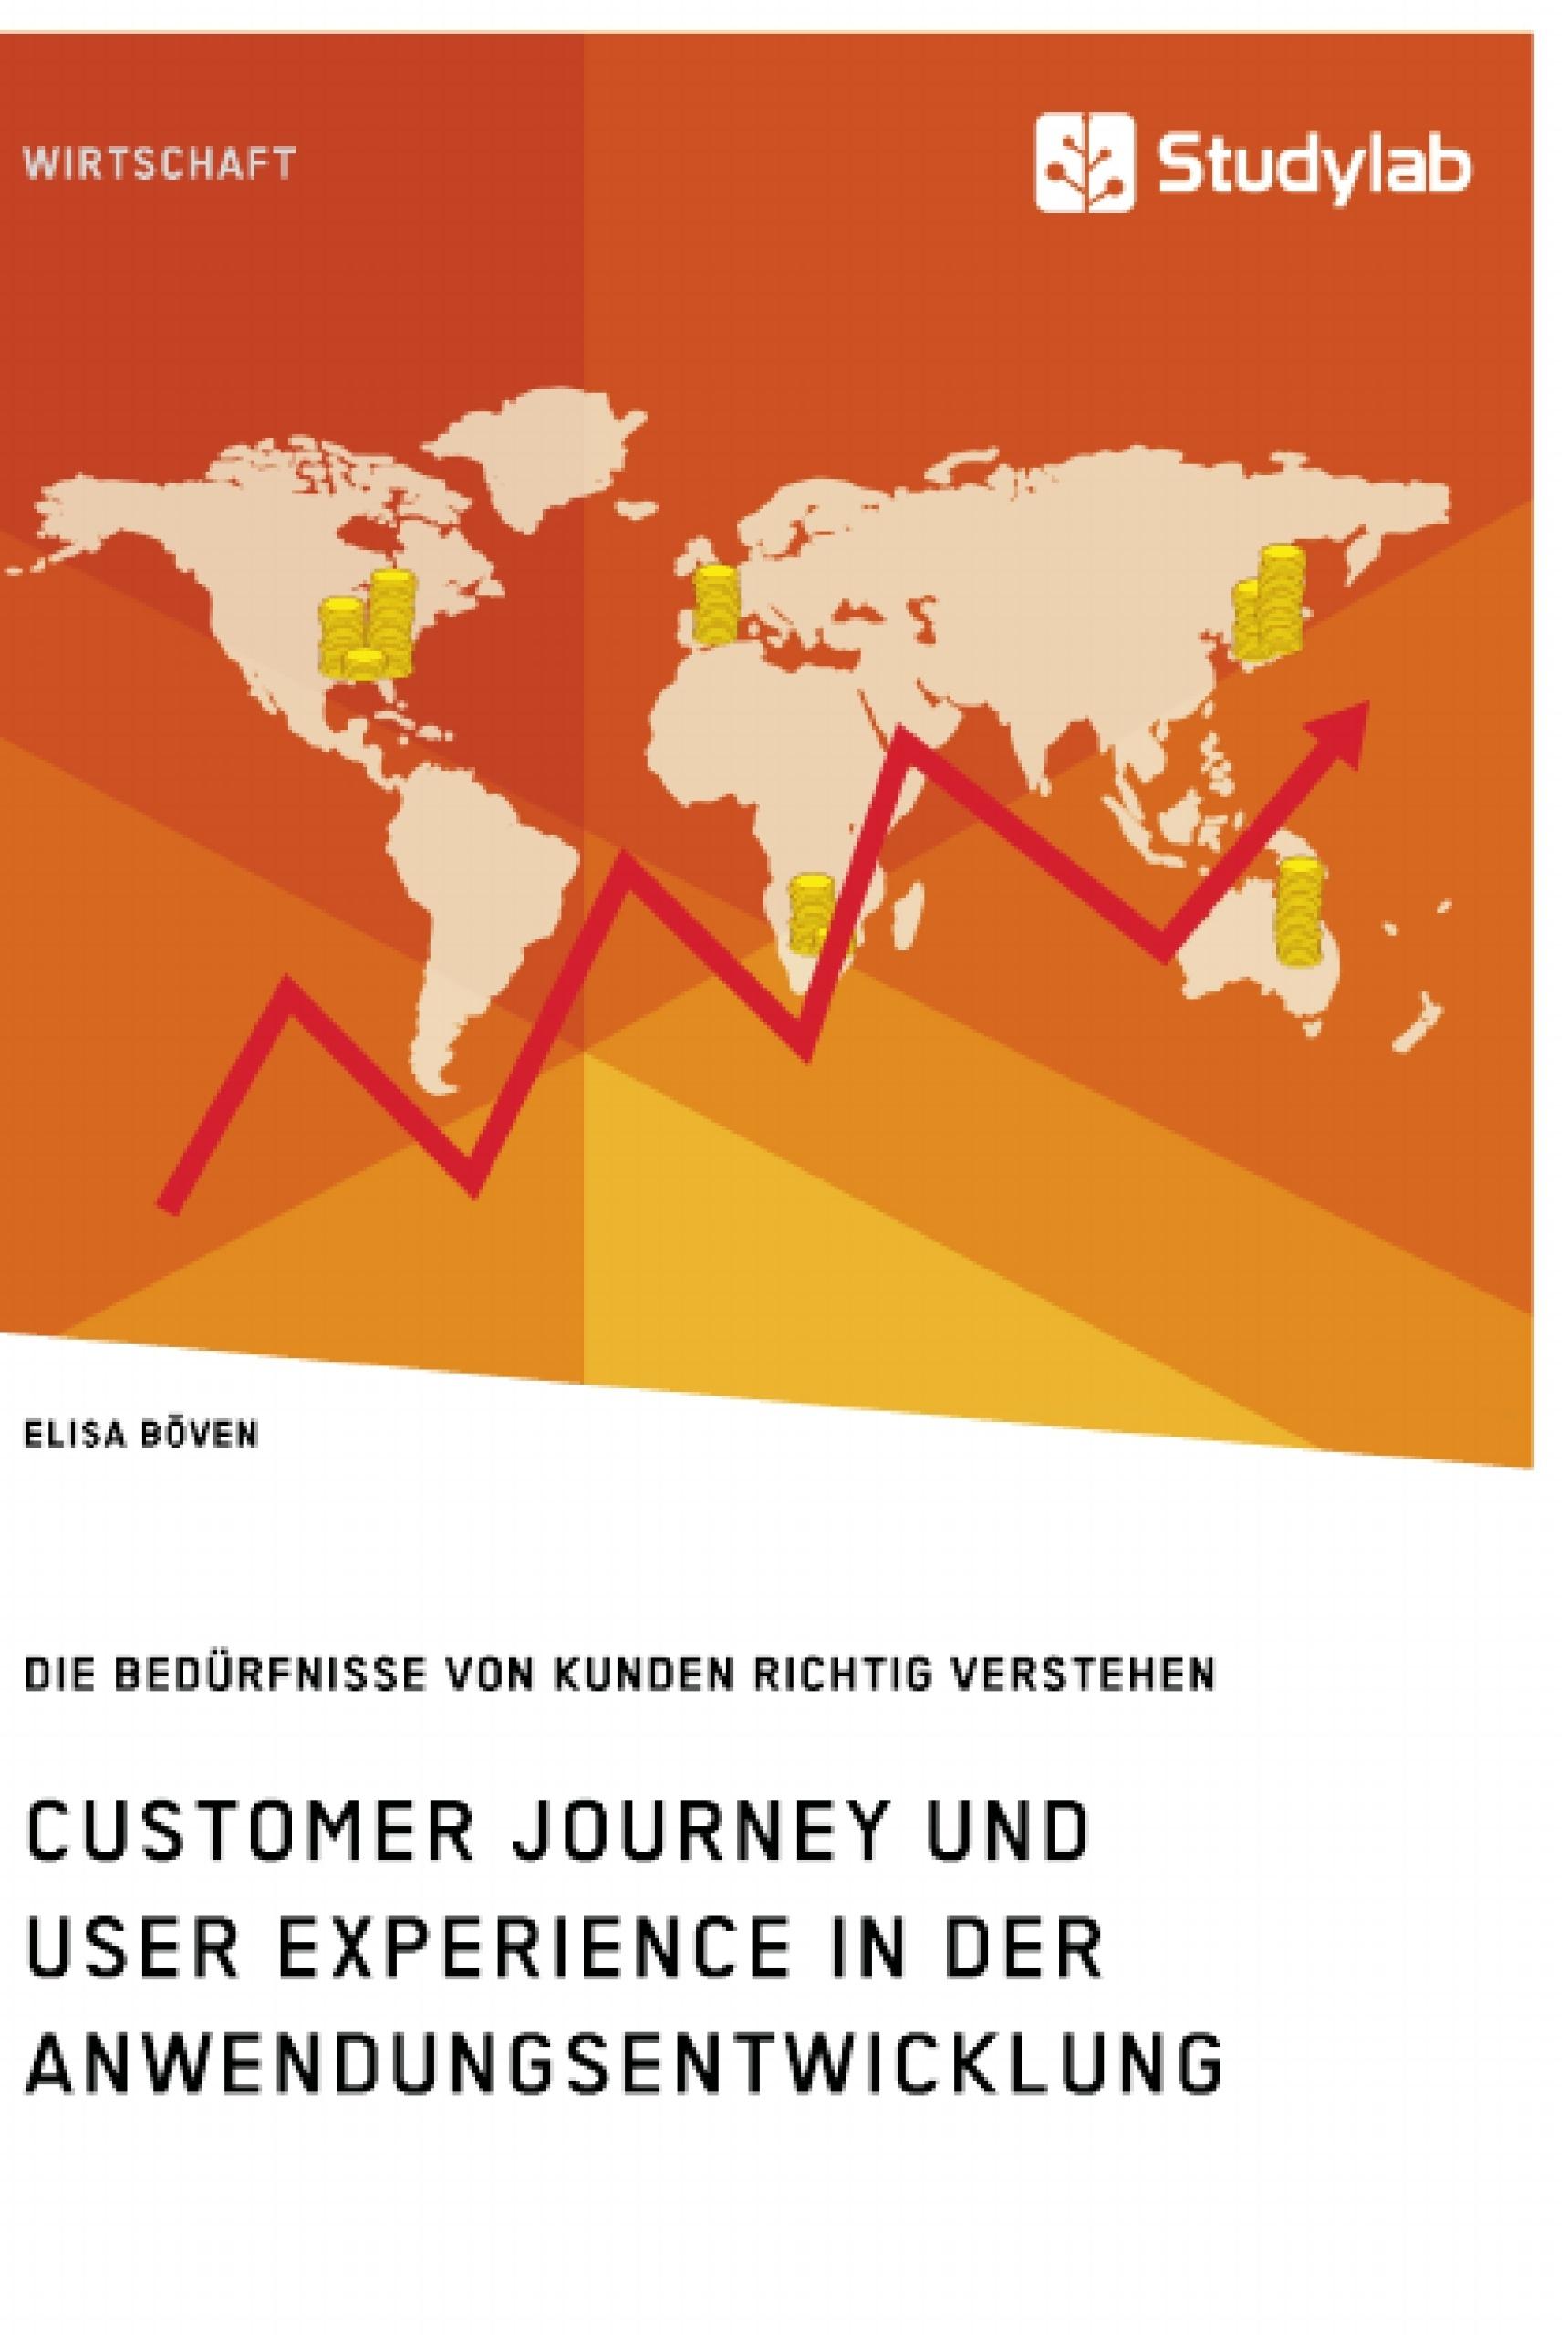 Titel: Customer Journey und User Experience in der Anwendungsentwicklung. Die Bedürfnisse von Kunden richtig verstehen